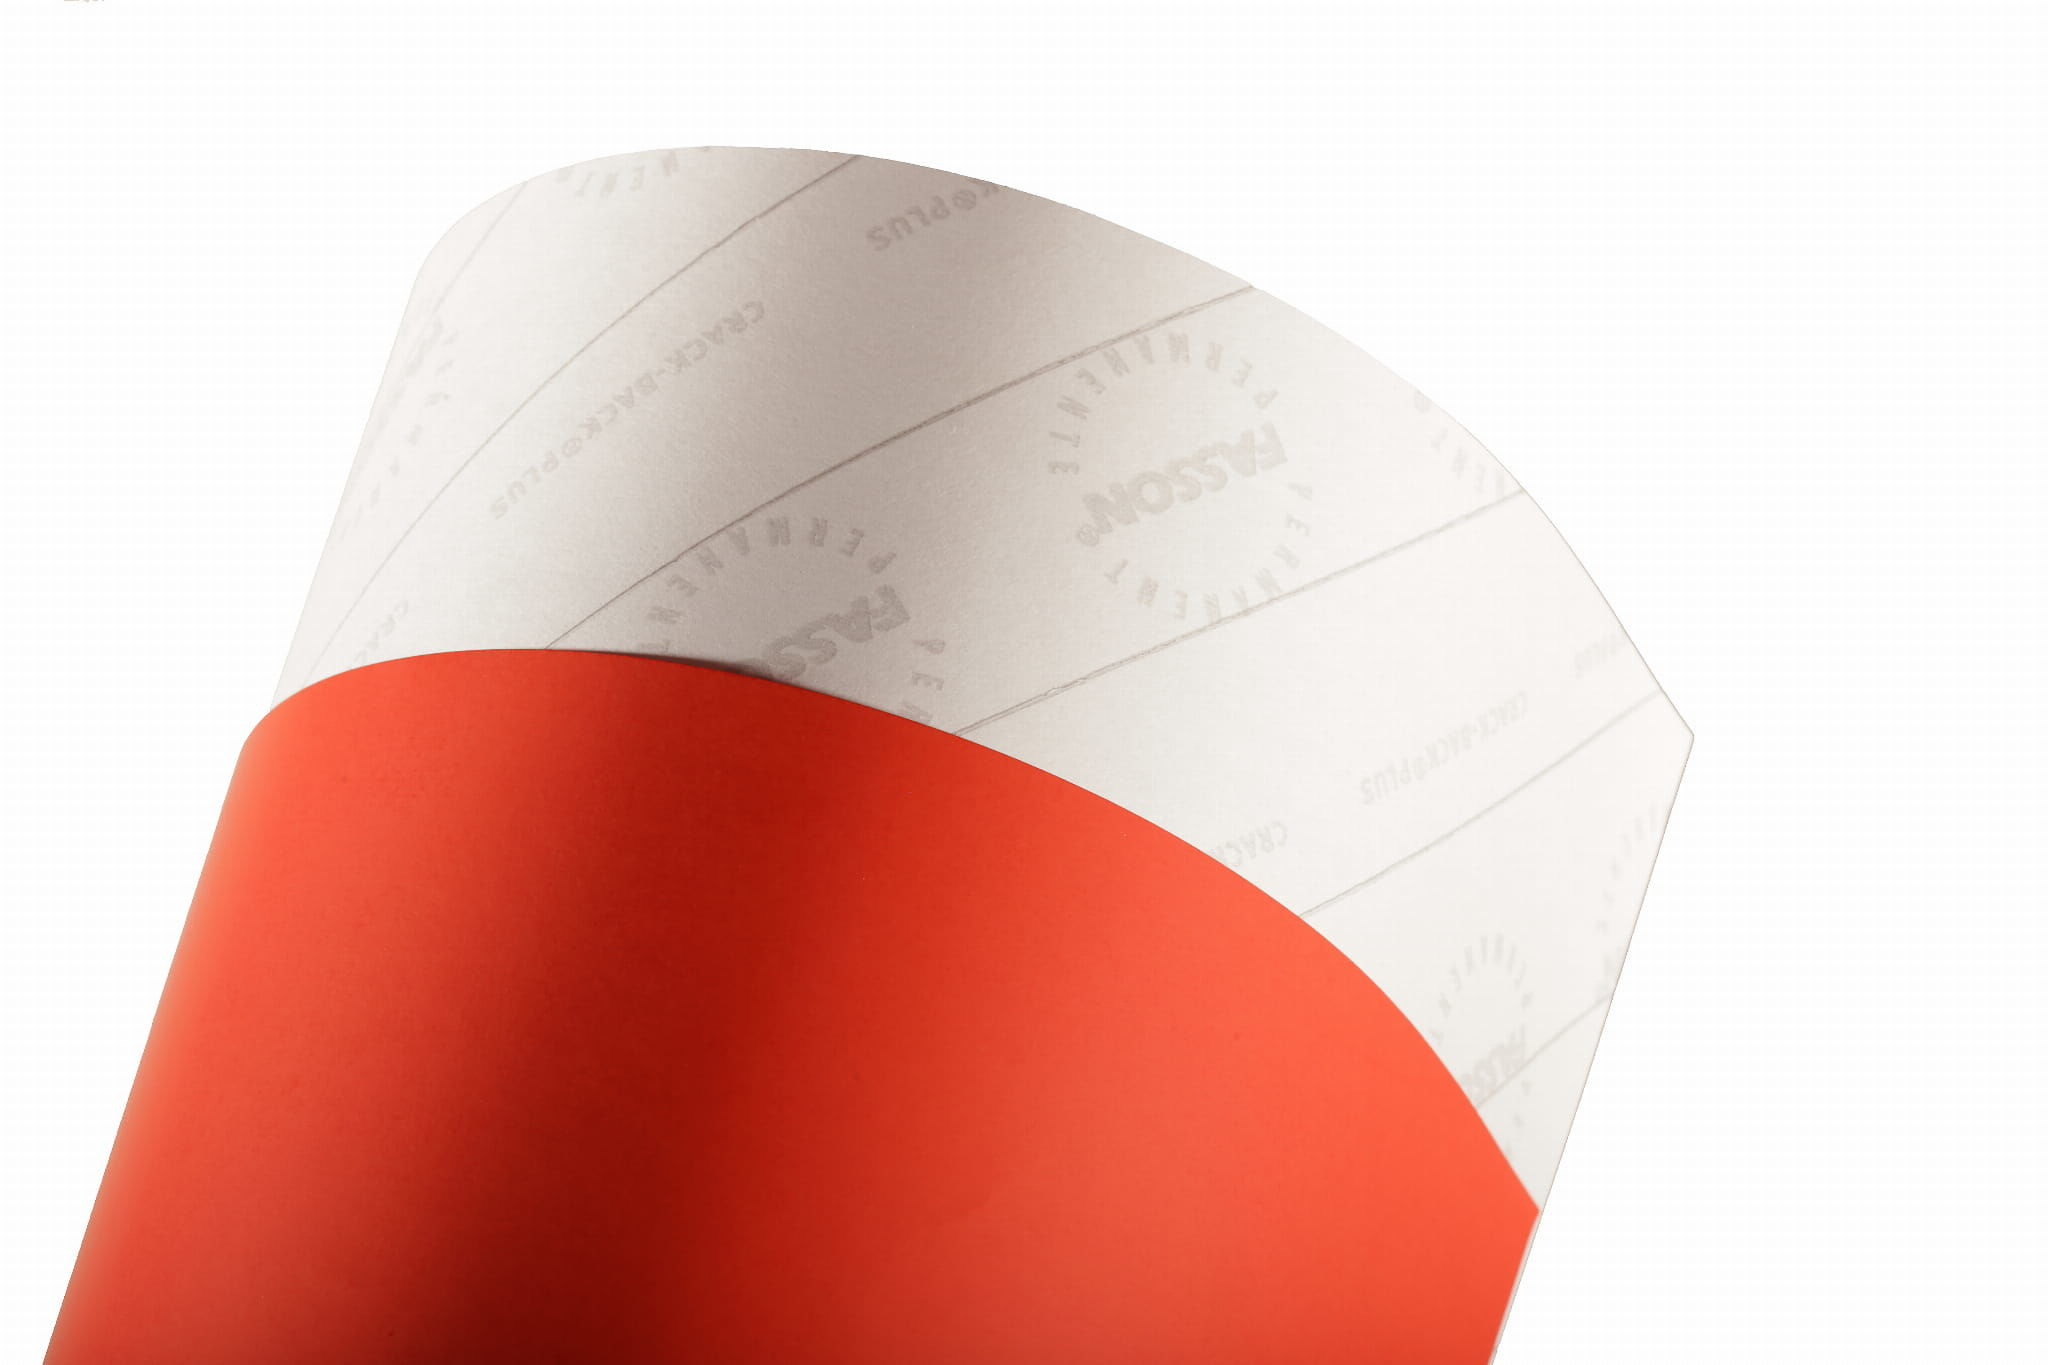 Papier samoprzylepny Eurotak czerwony mat 80 50x70 (nacinany) cut przecena - 33%